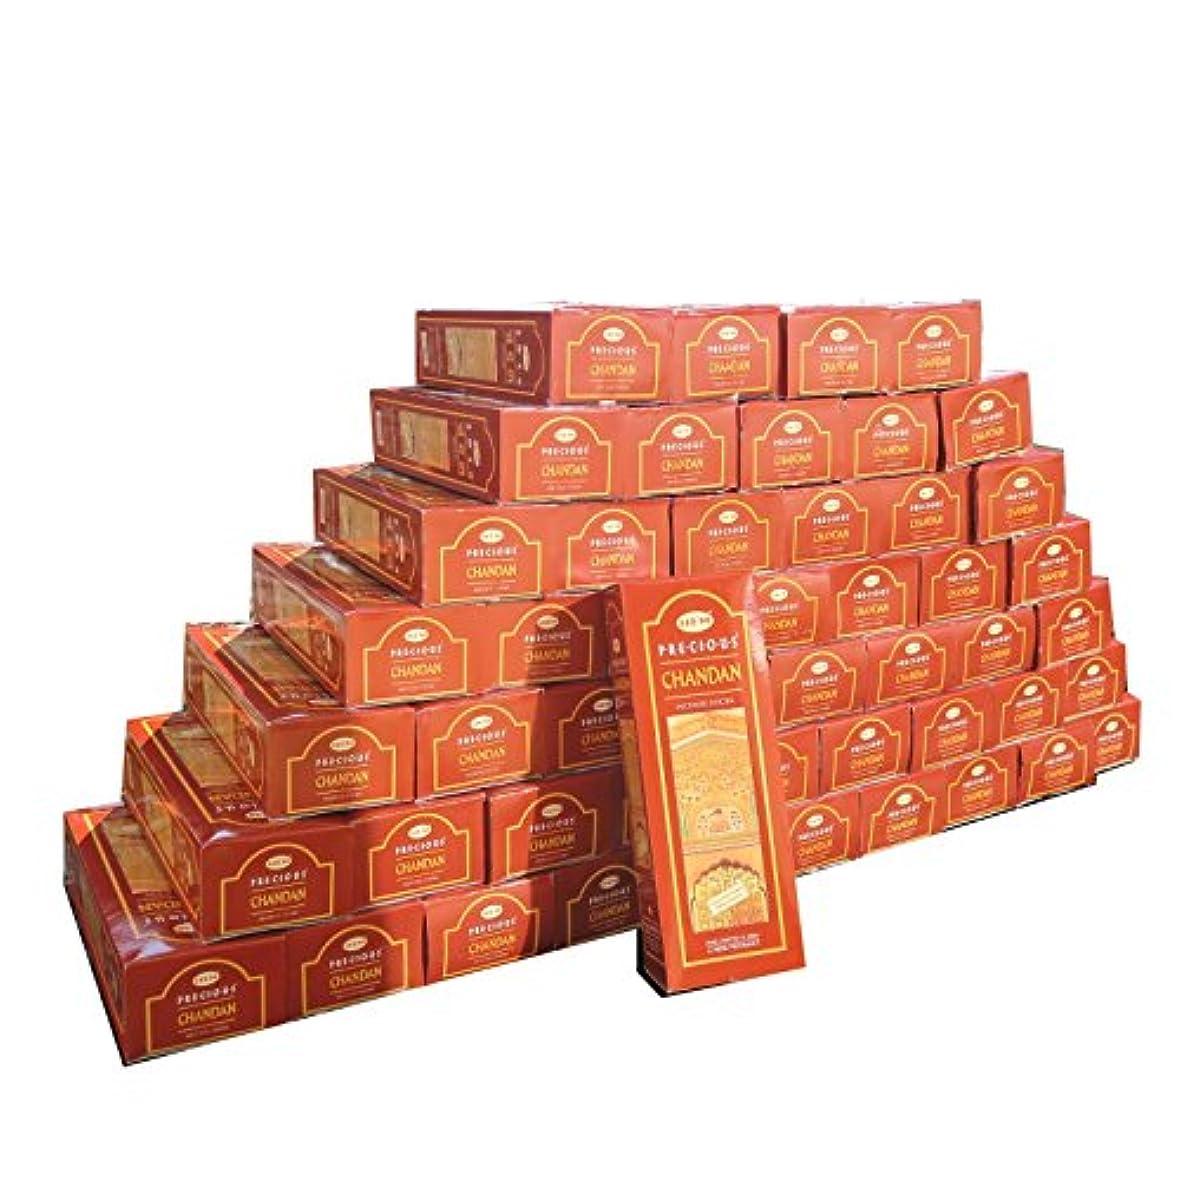 誰かバリーモンク業務用 インドスティック形お香 プレシャスチャンダン 300箱入り